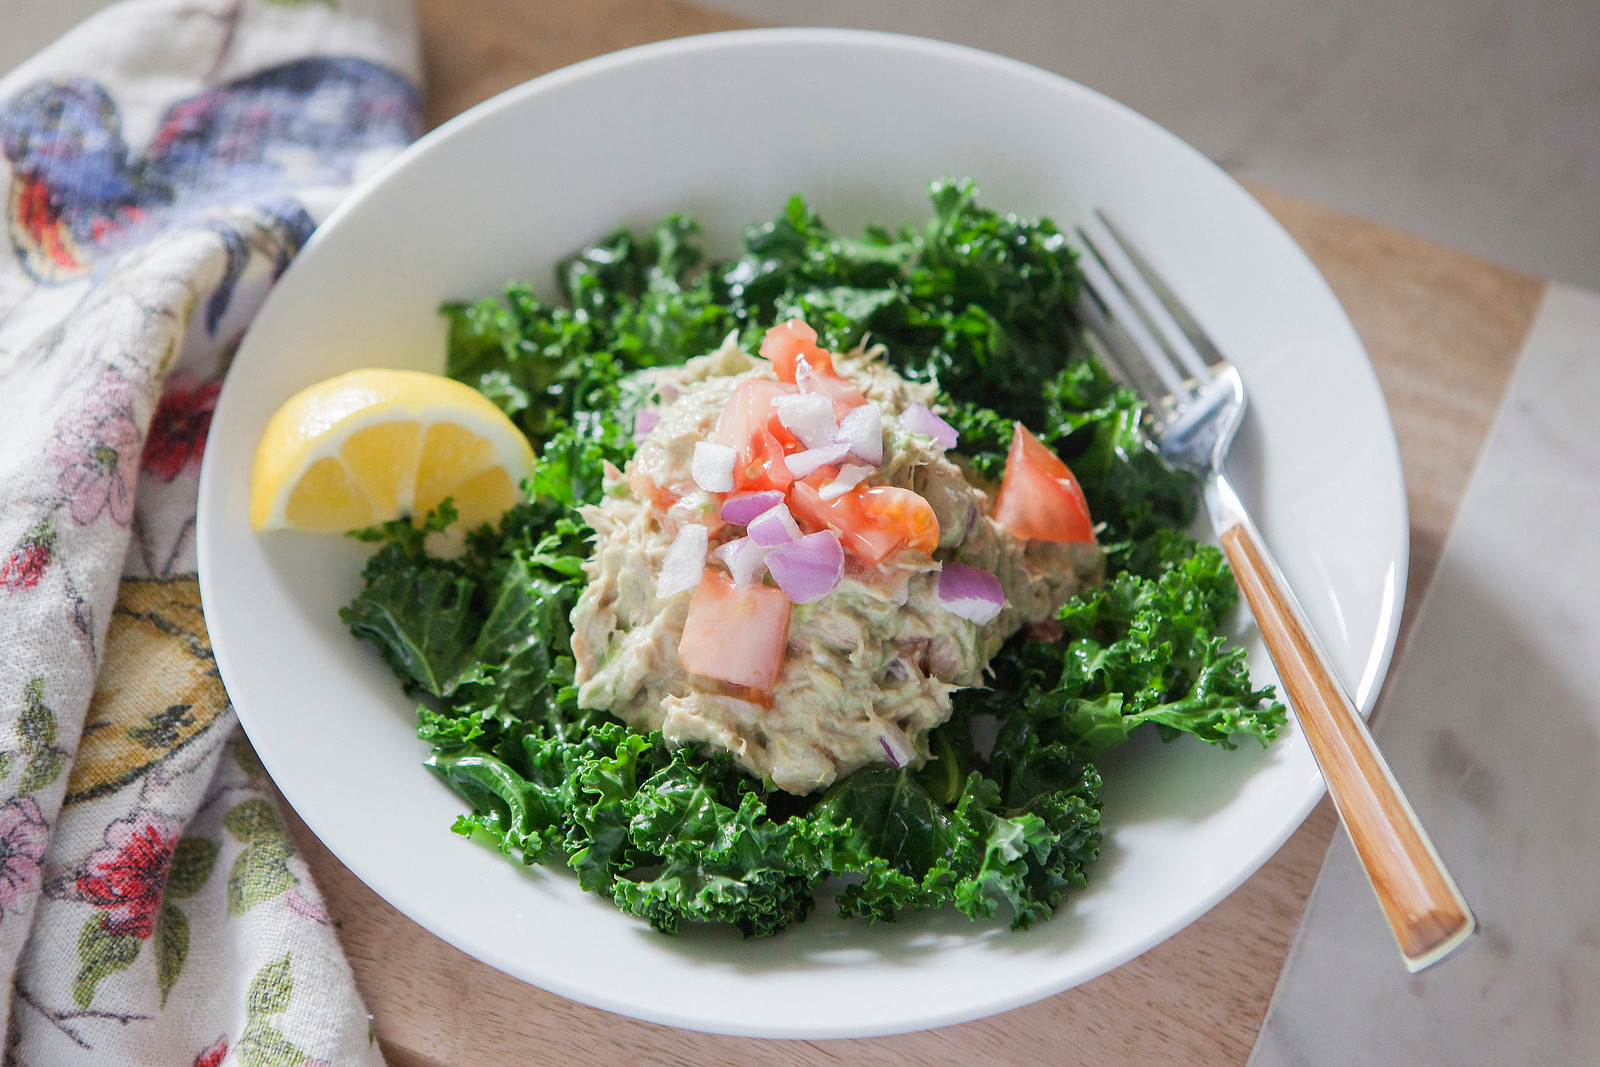 0007_NutritionTwins-avocado-tuna-salad-kale